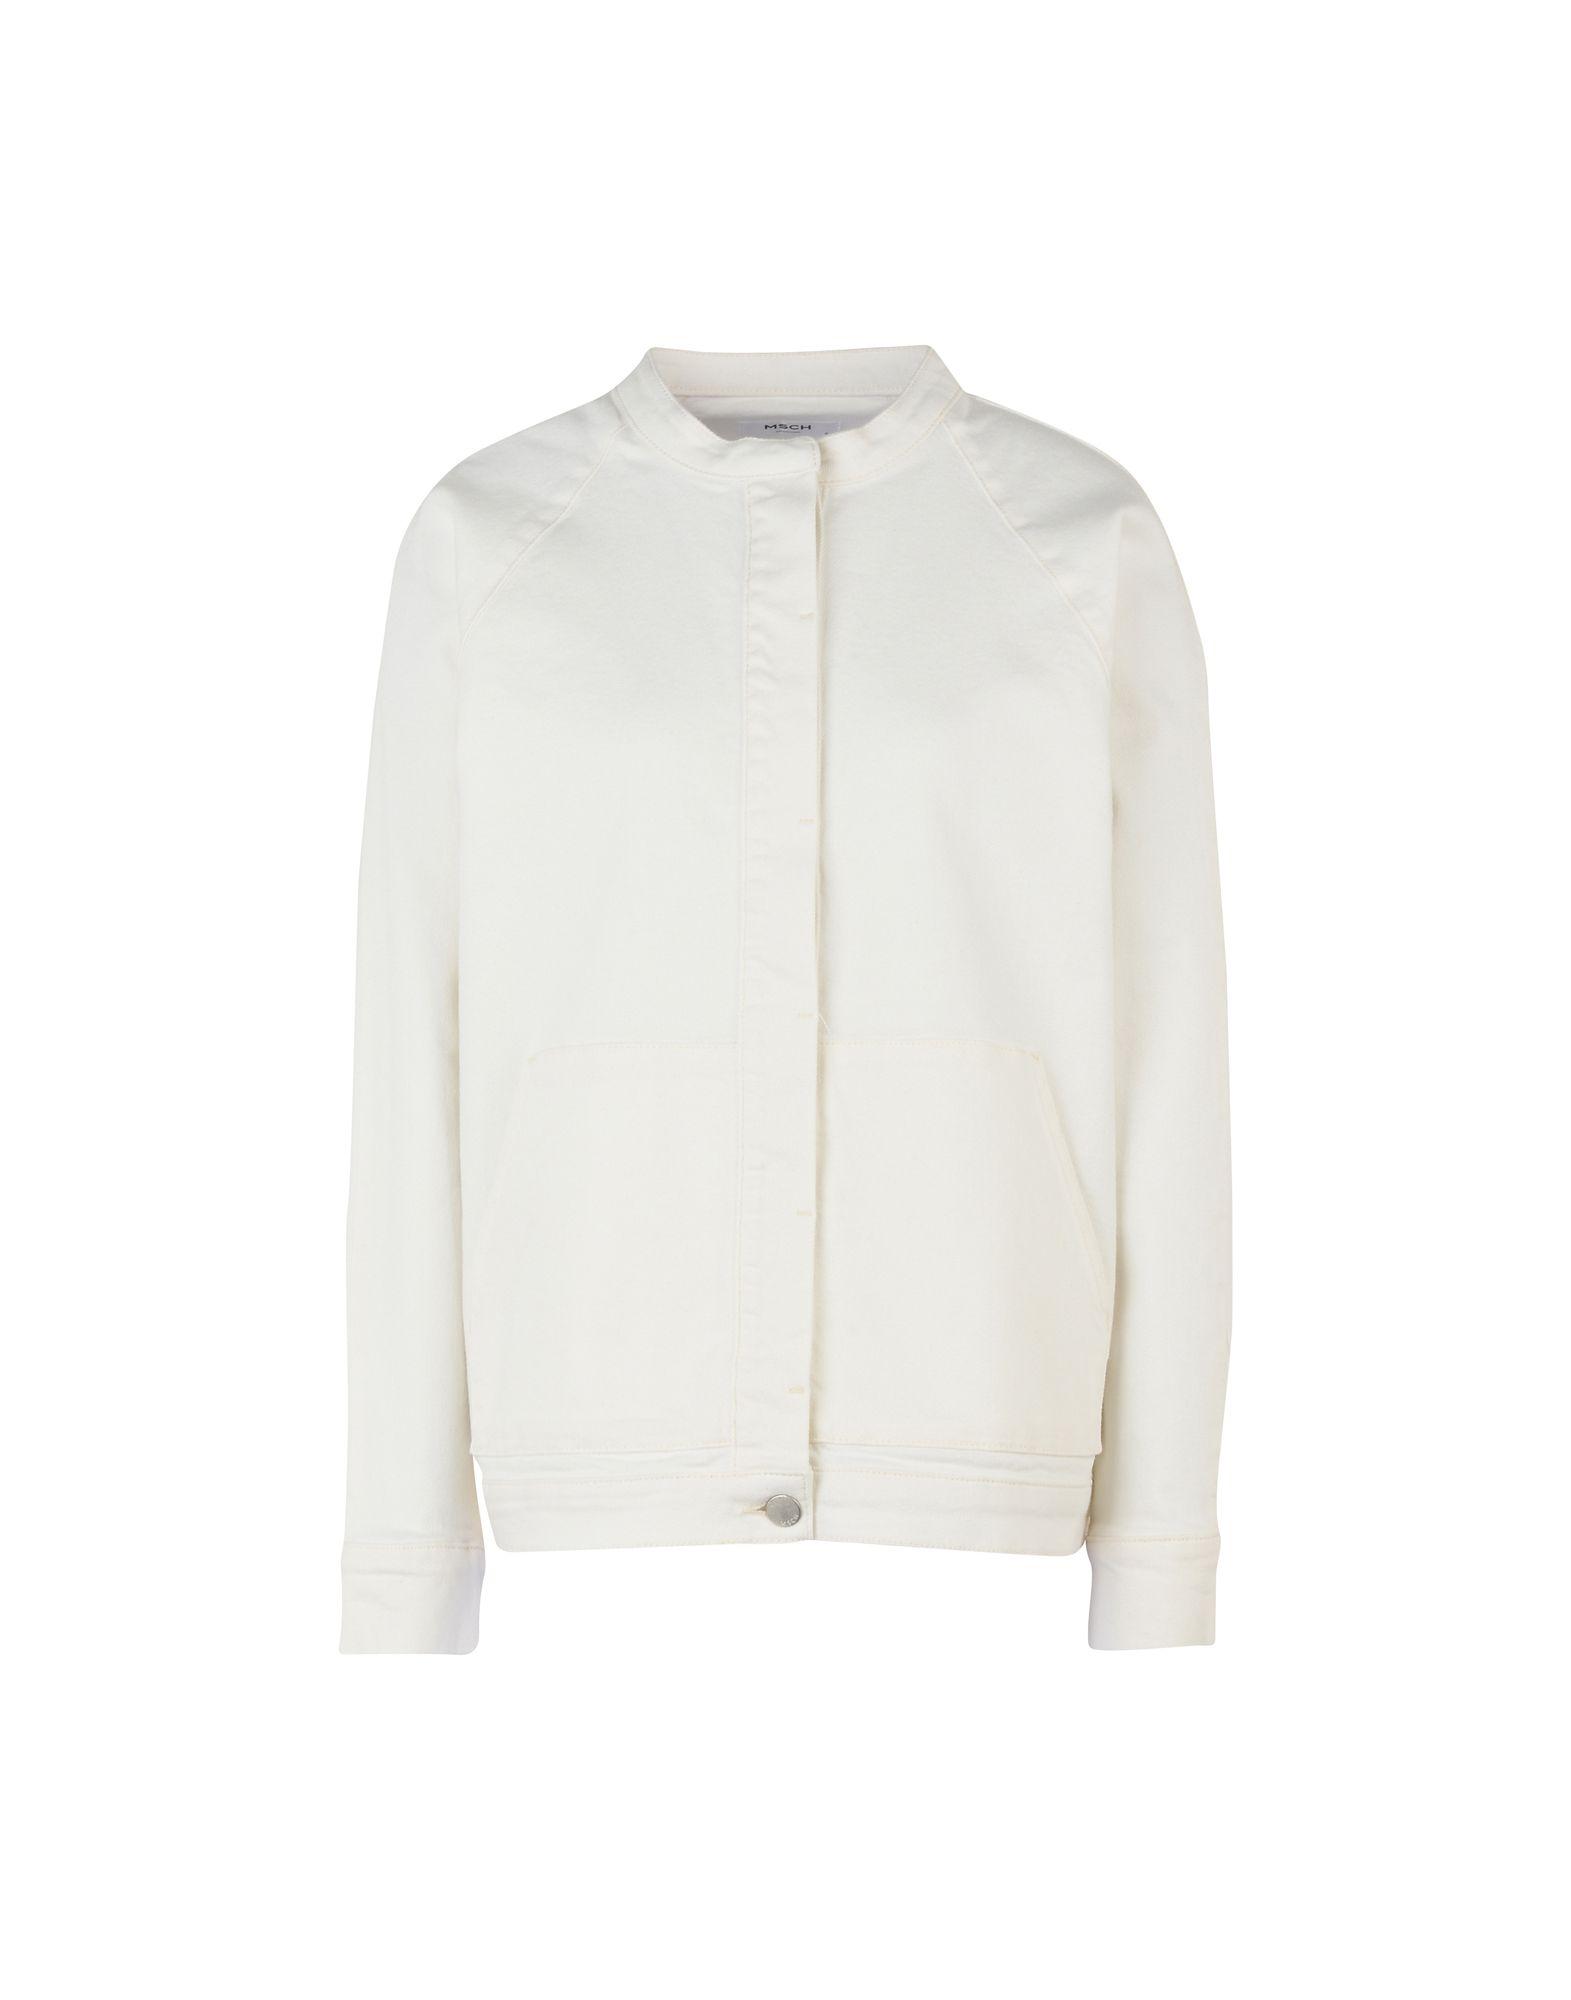 《送料無料》MOSS COPENHAGEN レディース デニムアウター アイボリー S コットン 97% / ポリウレタン 3% Natila Denim Jacket